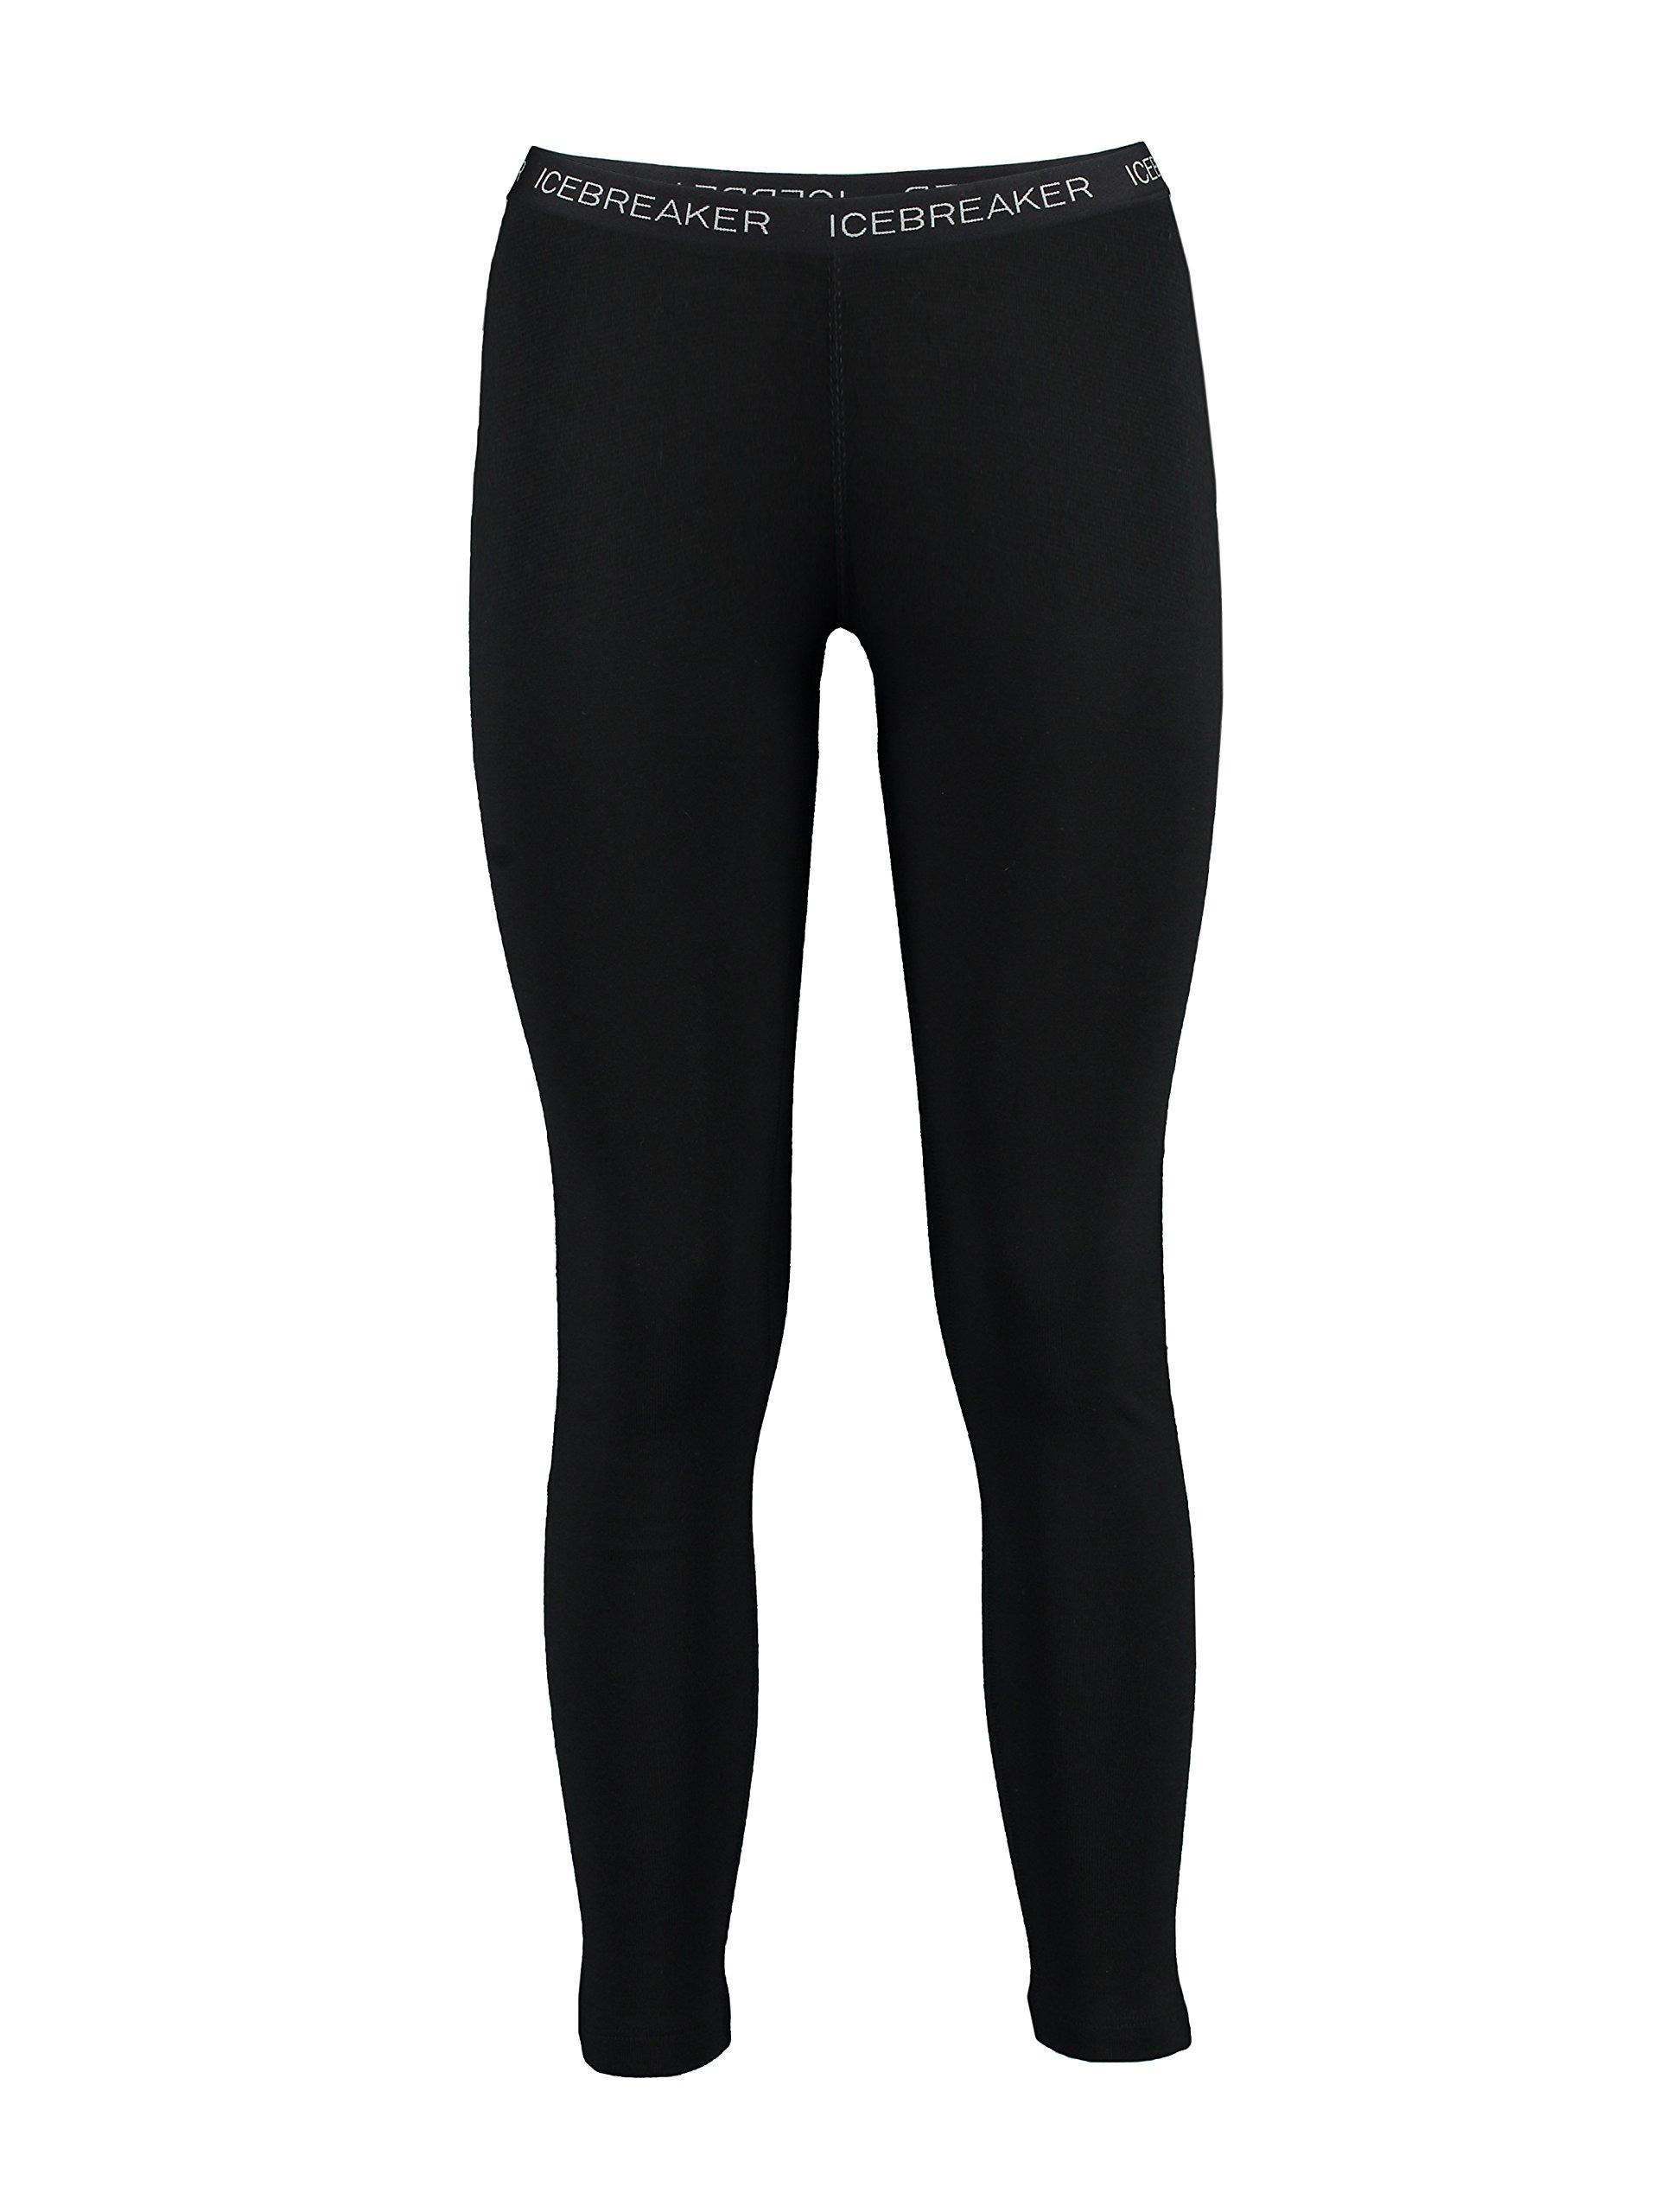 Icebreaker Women's Vertex Leggings, Black, Small